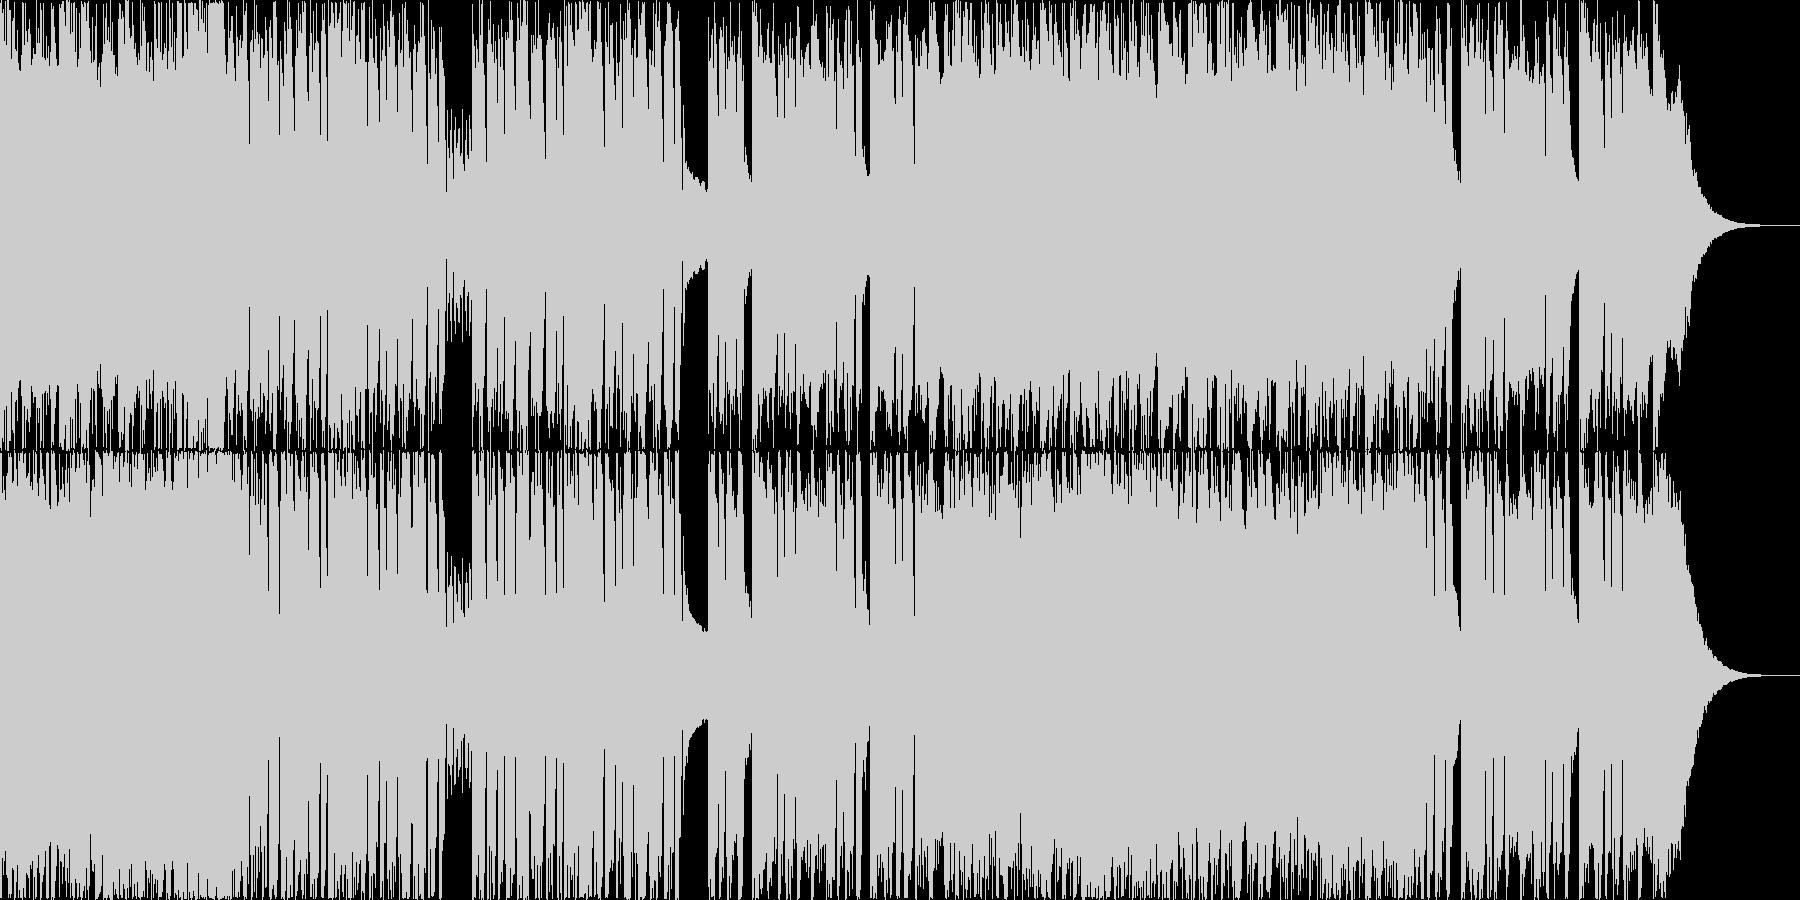 かっこいいゴリゴリなメタル曲の未再生の波形